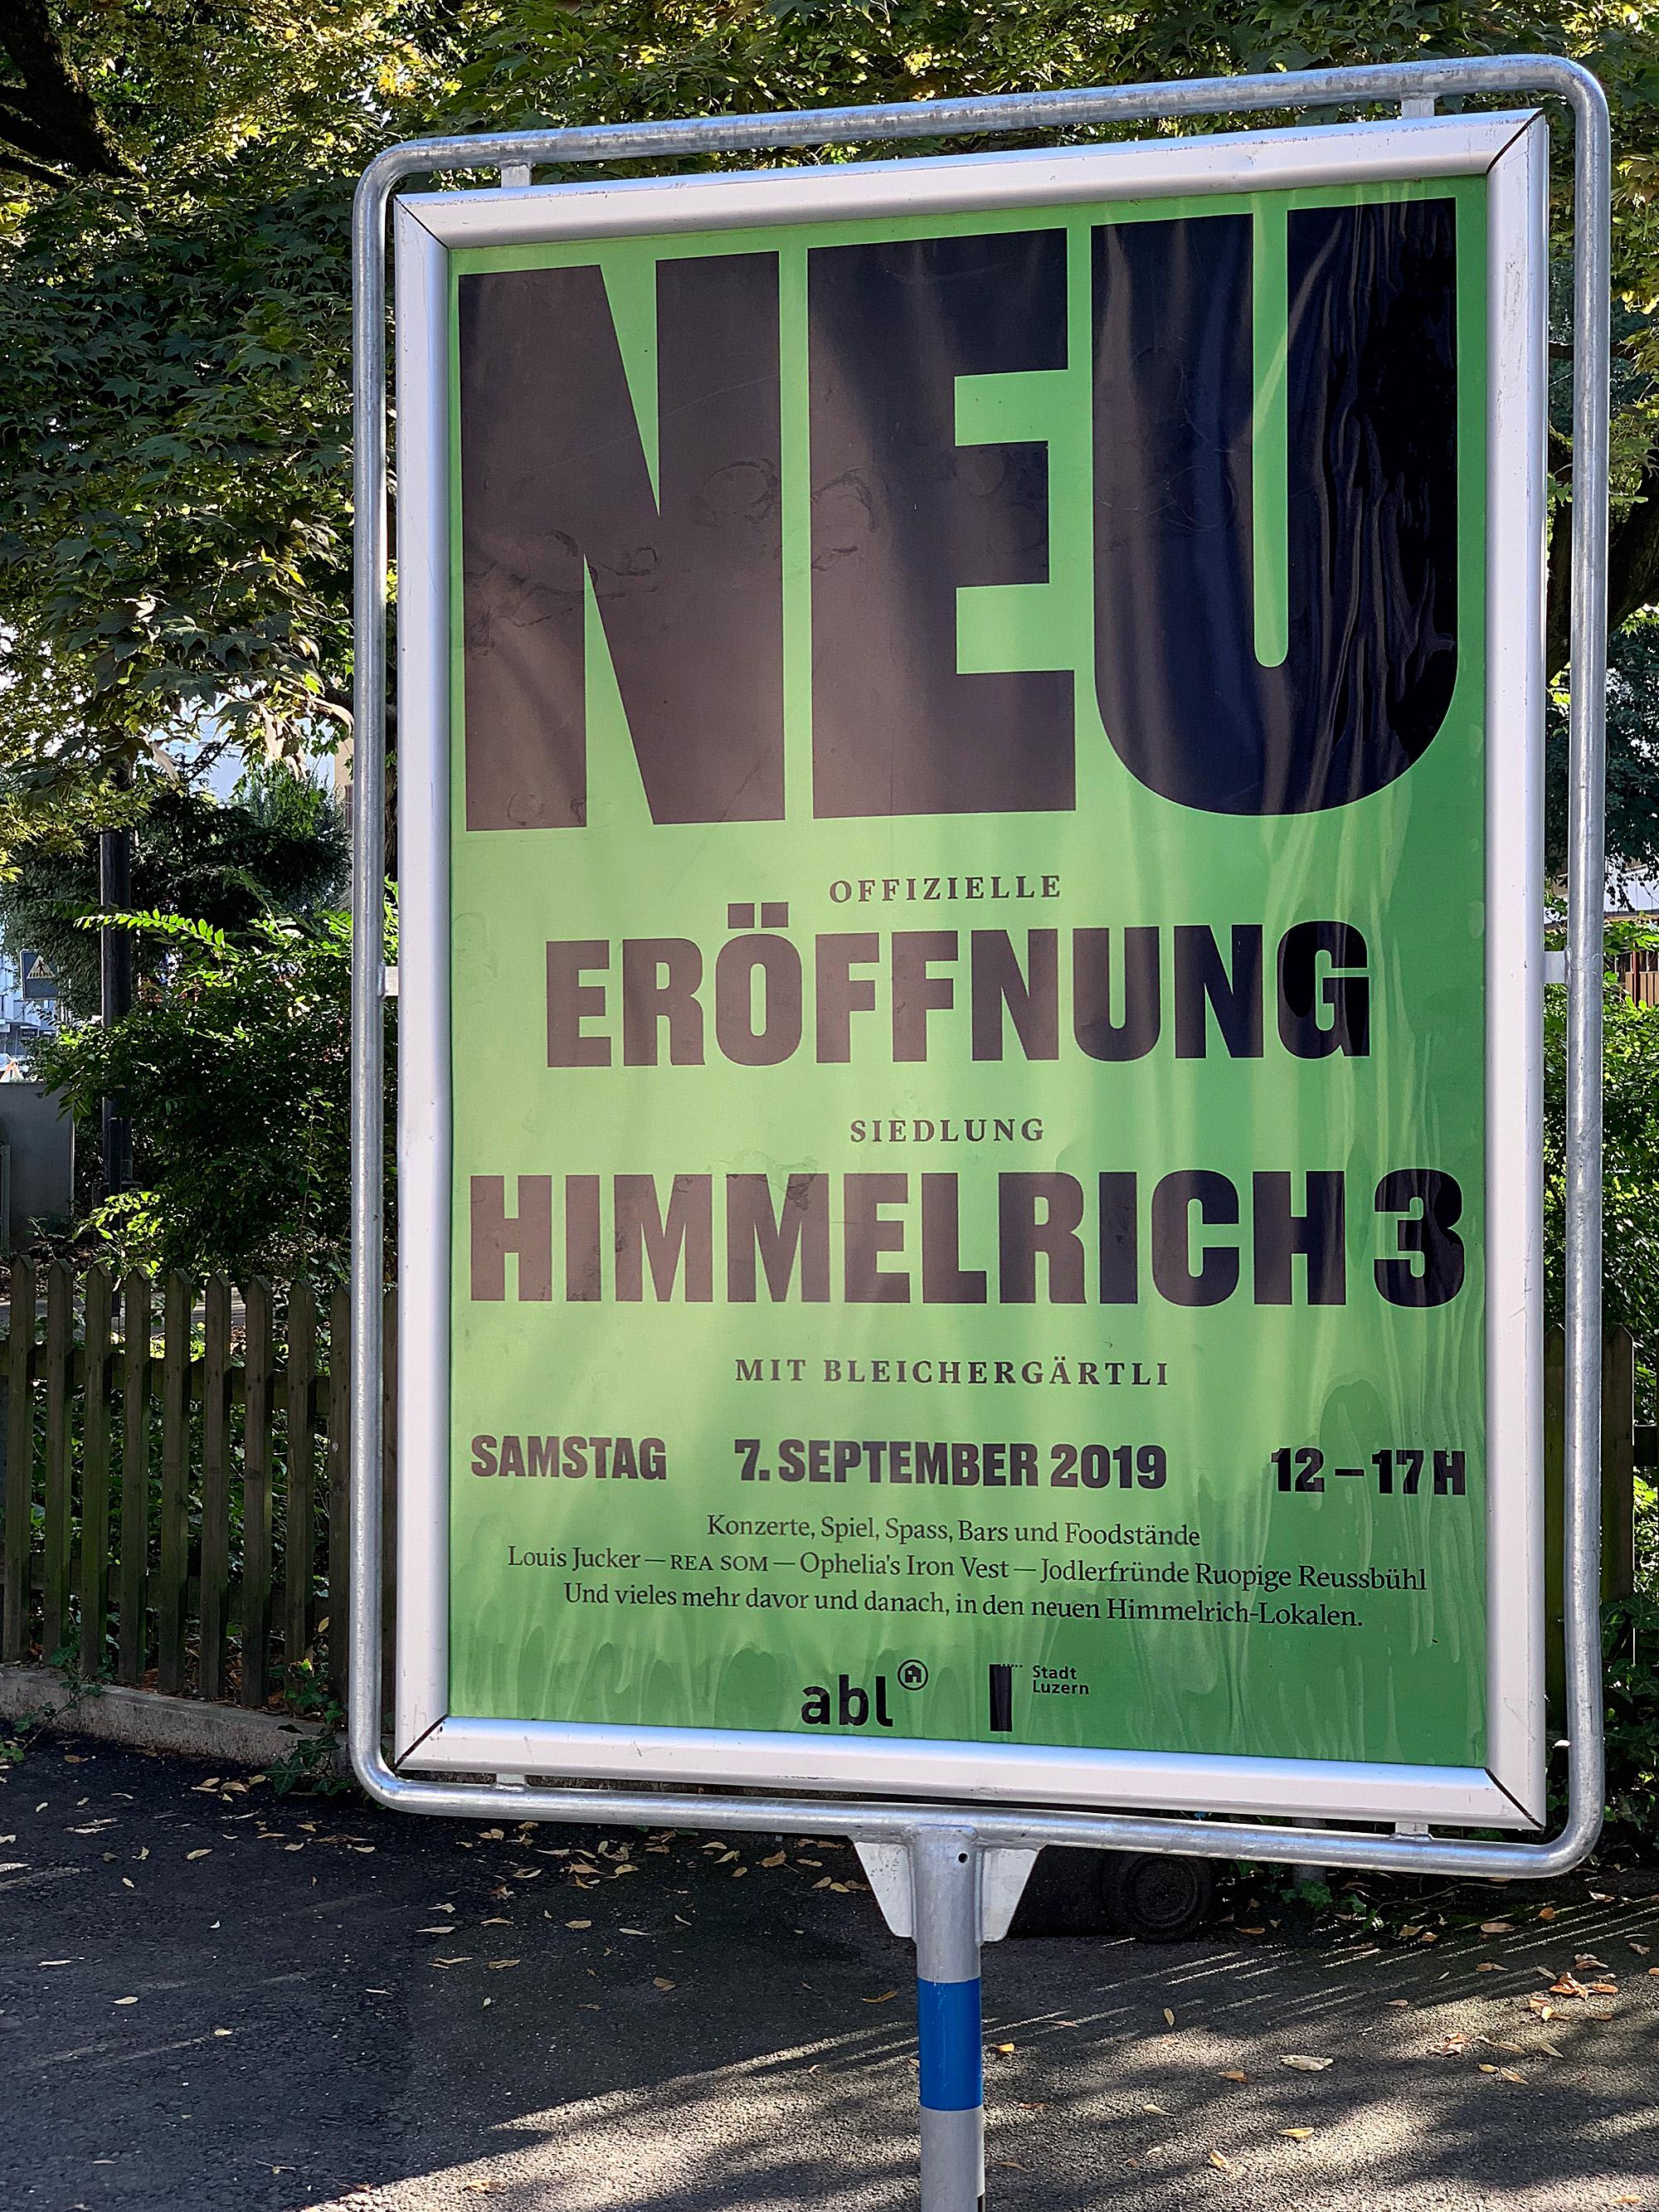 Offizielles Eröffnungsfest Himmelrich3